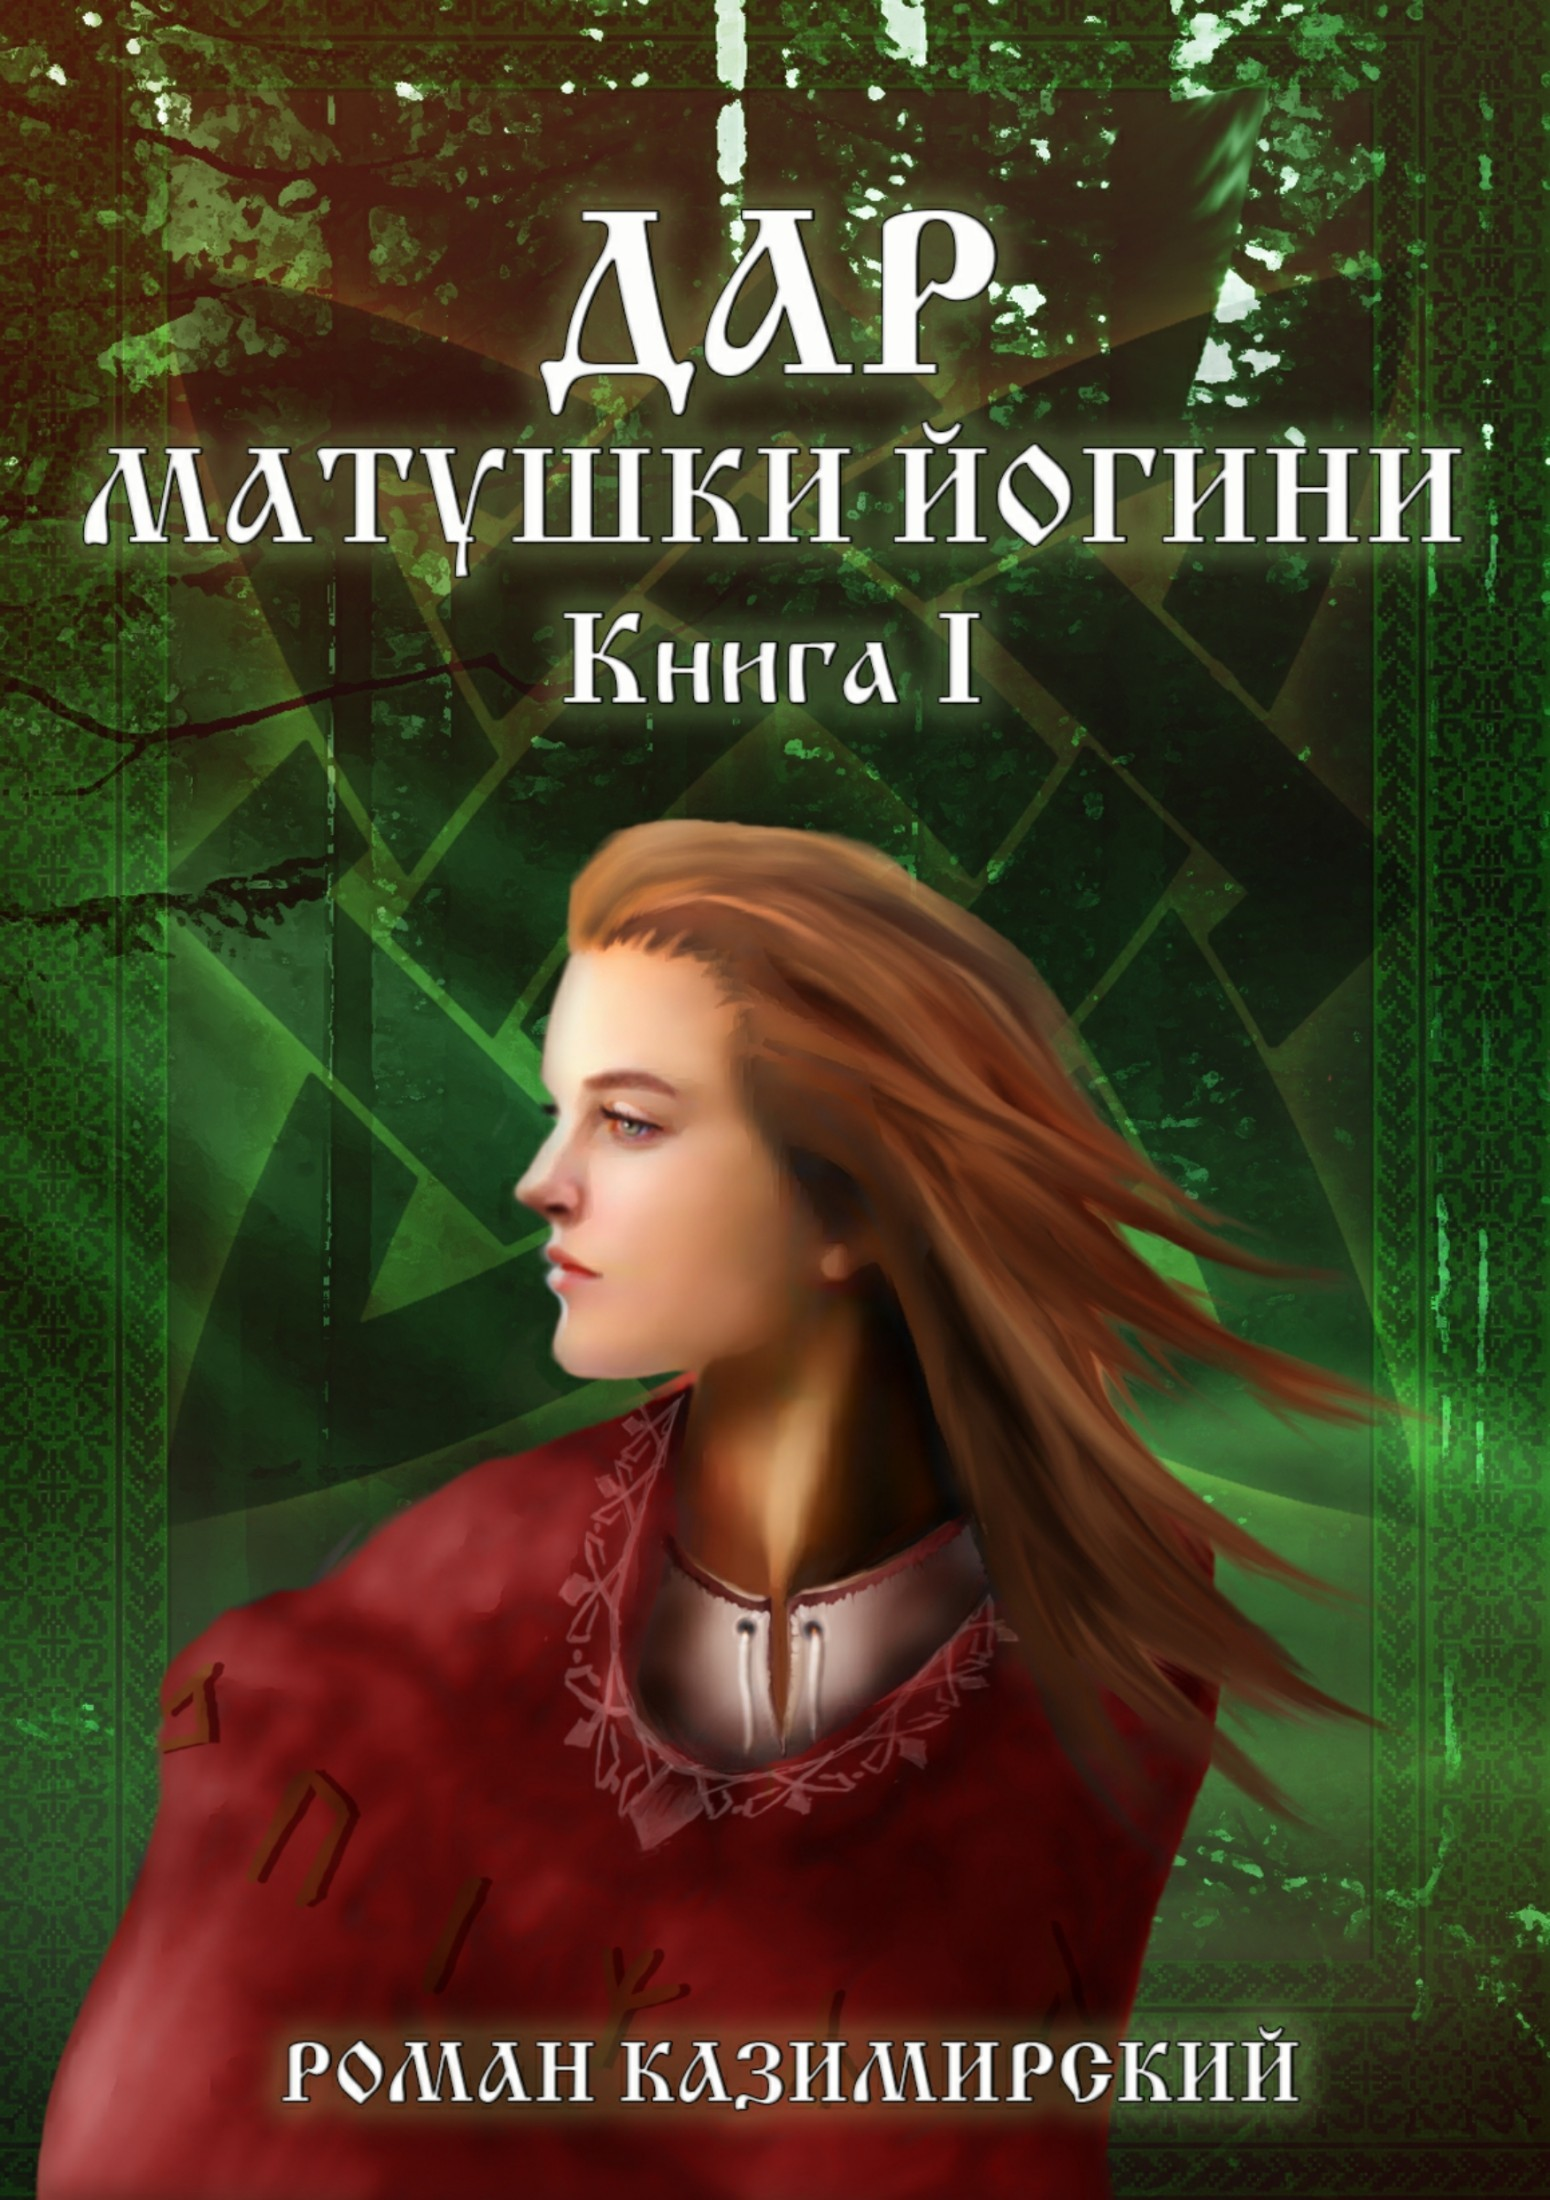 Роман Казимирский Дар матушки Йогини. Книга 1